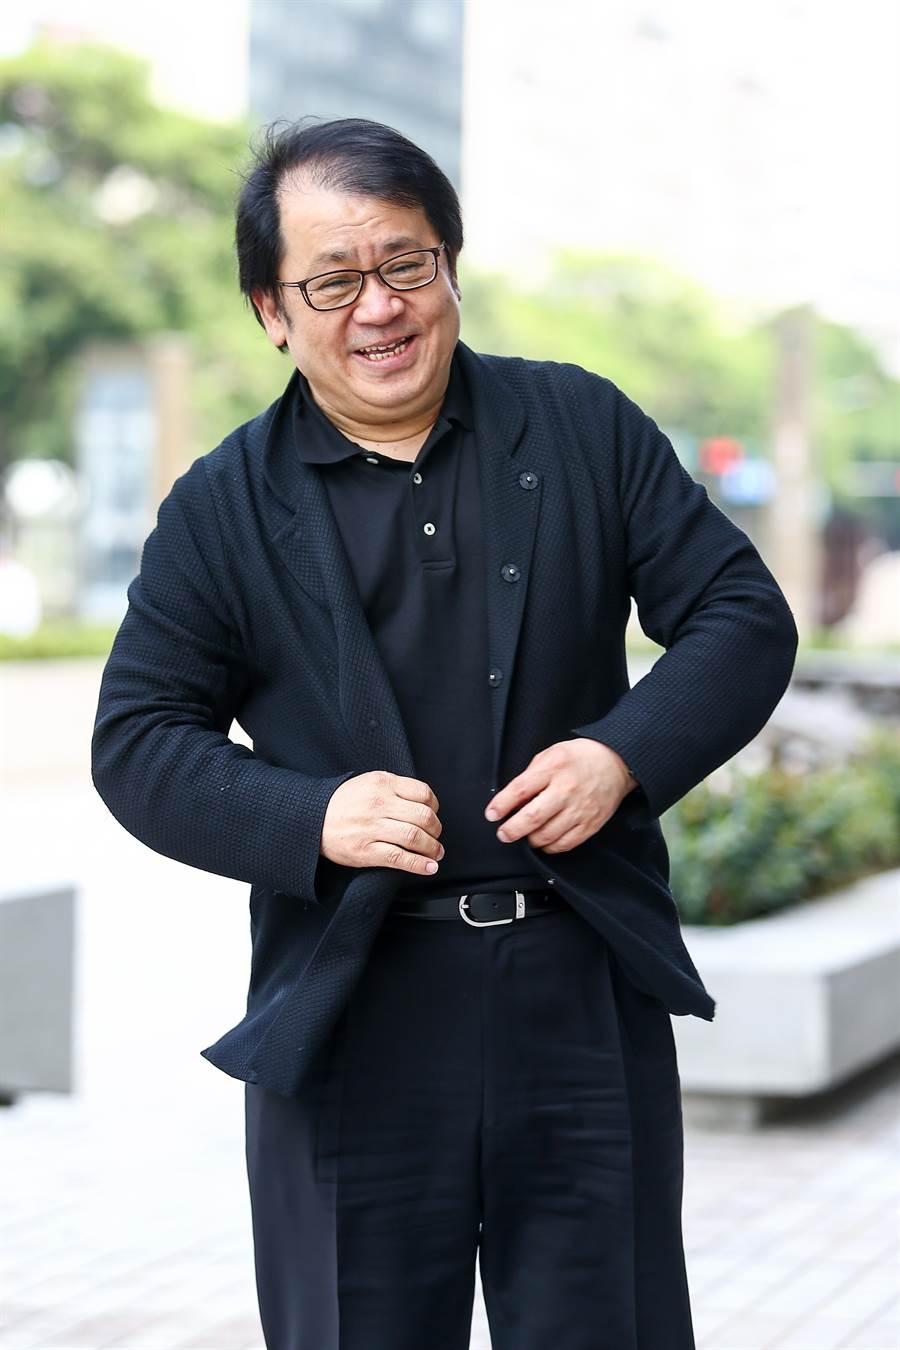 國家表演藝術中心董事長朱宗慶表示,國表藝未來願景就是希望持續推動中介機構的核心價值,落實藝術專業治理精神。(鄧博任攝)